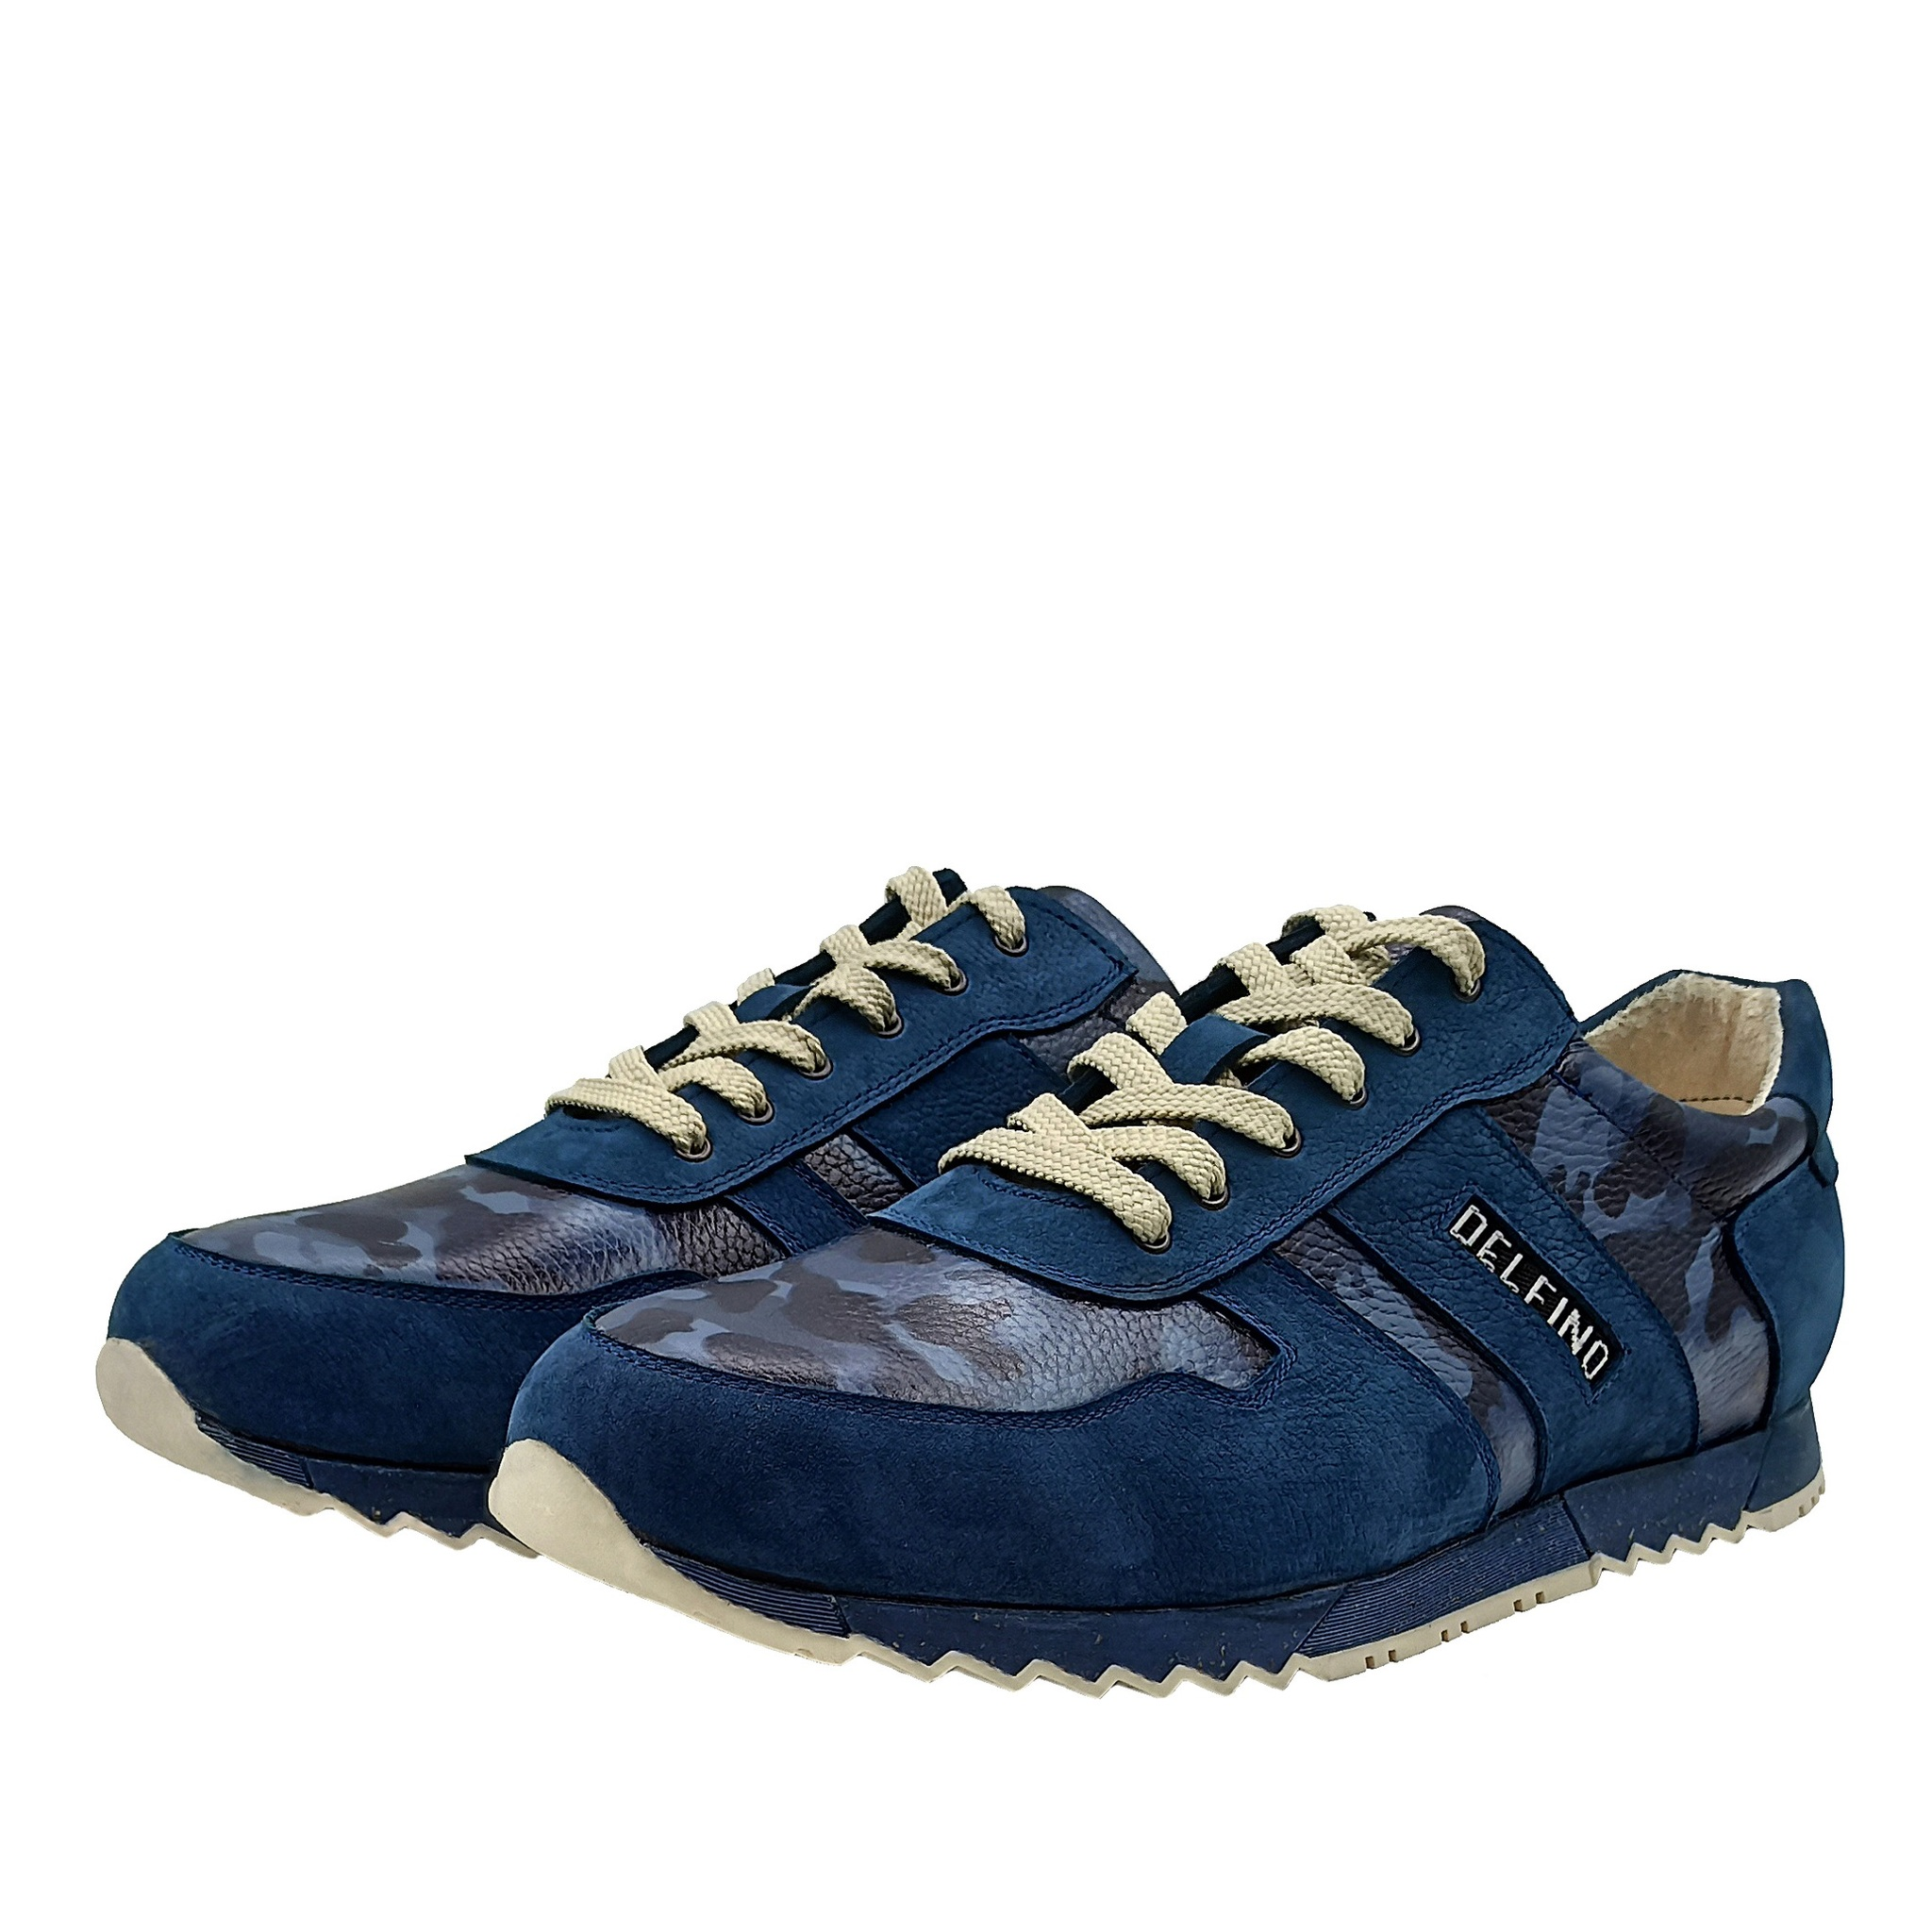 701396 полуботинки мужские синие камуфляж больших размеров марки Делфино